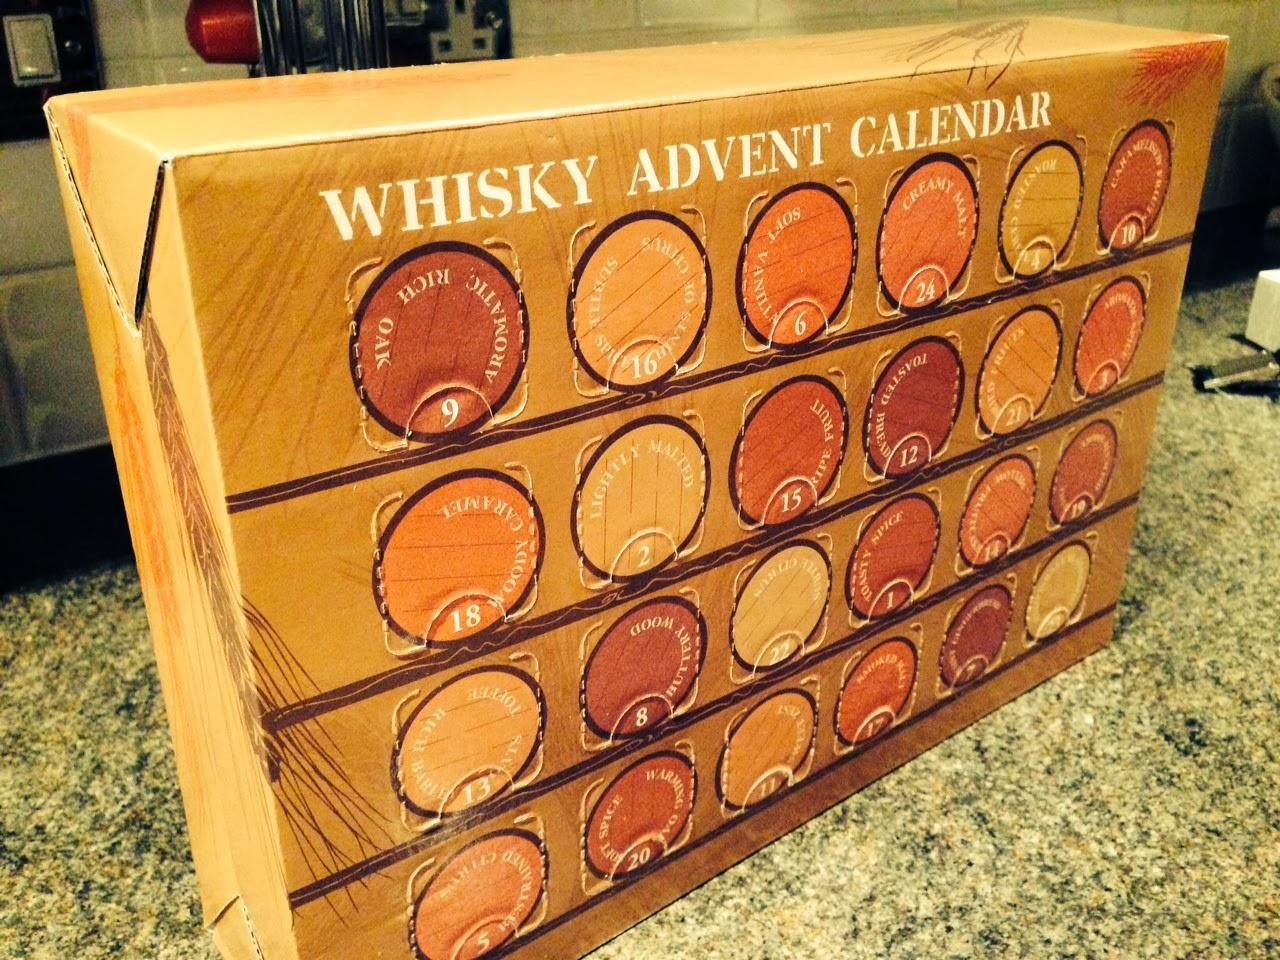 Whisky Advent Calendar Day 1 24 The Balvenie Doublewood